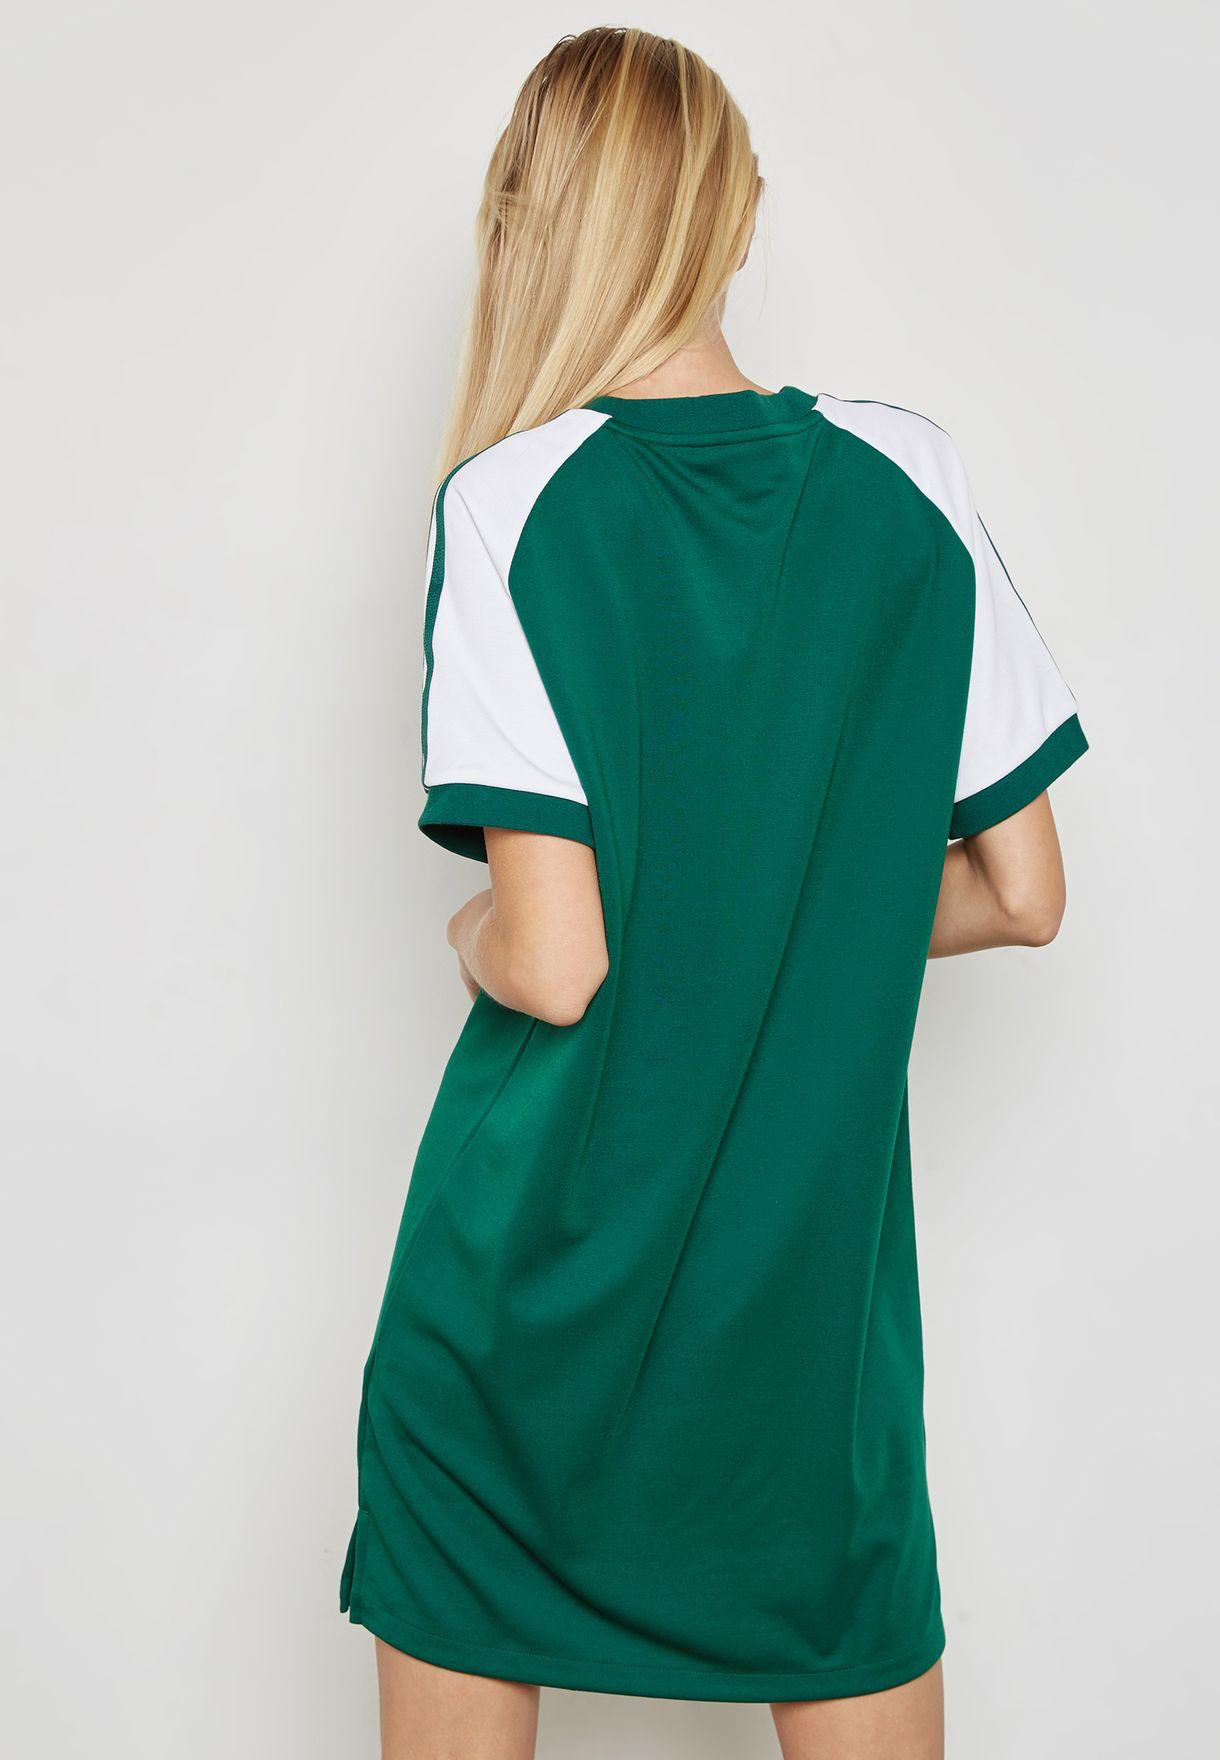 adicolor 3 Stripe Dress